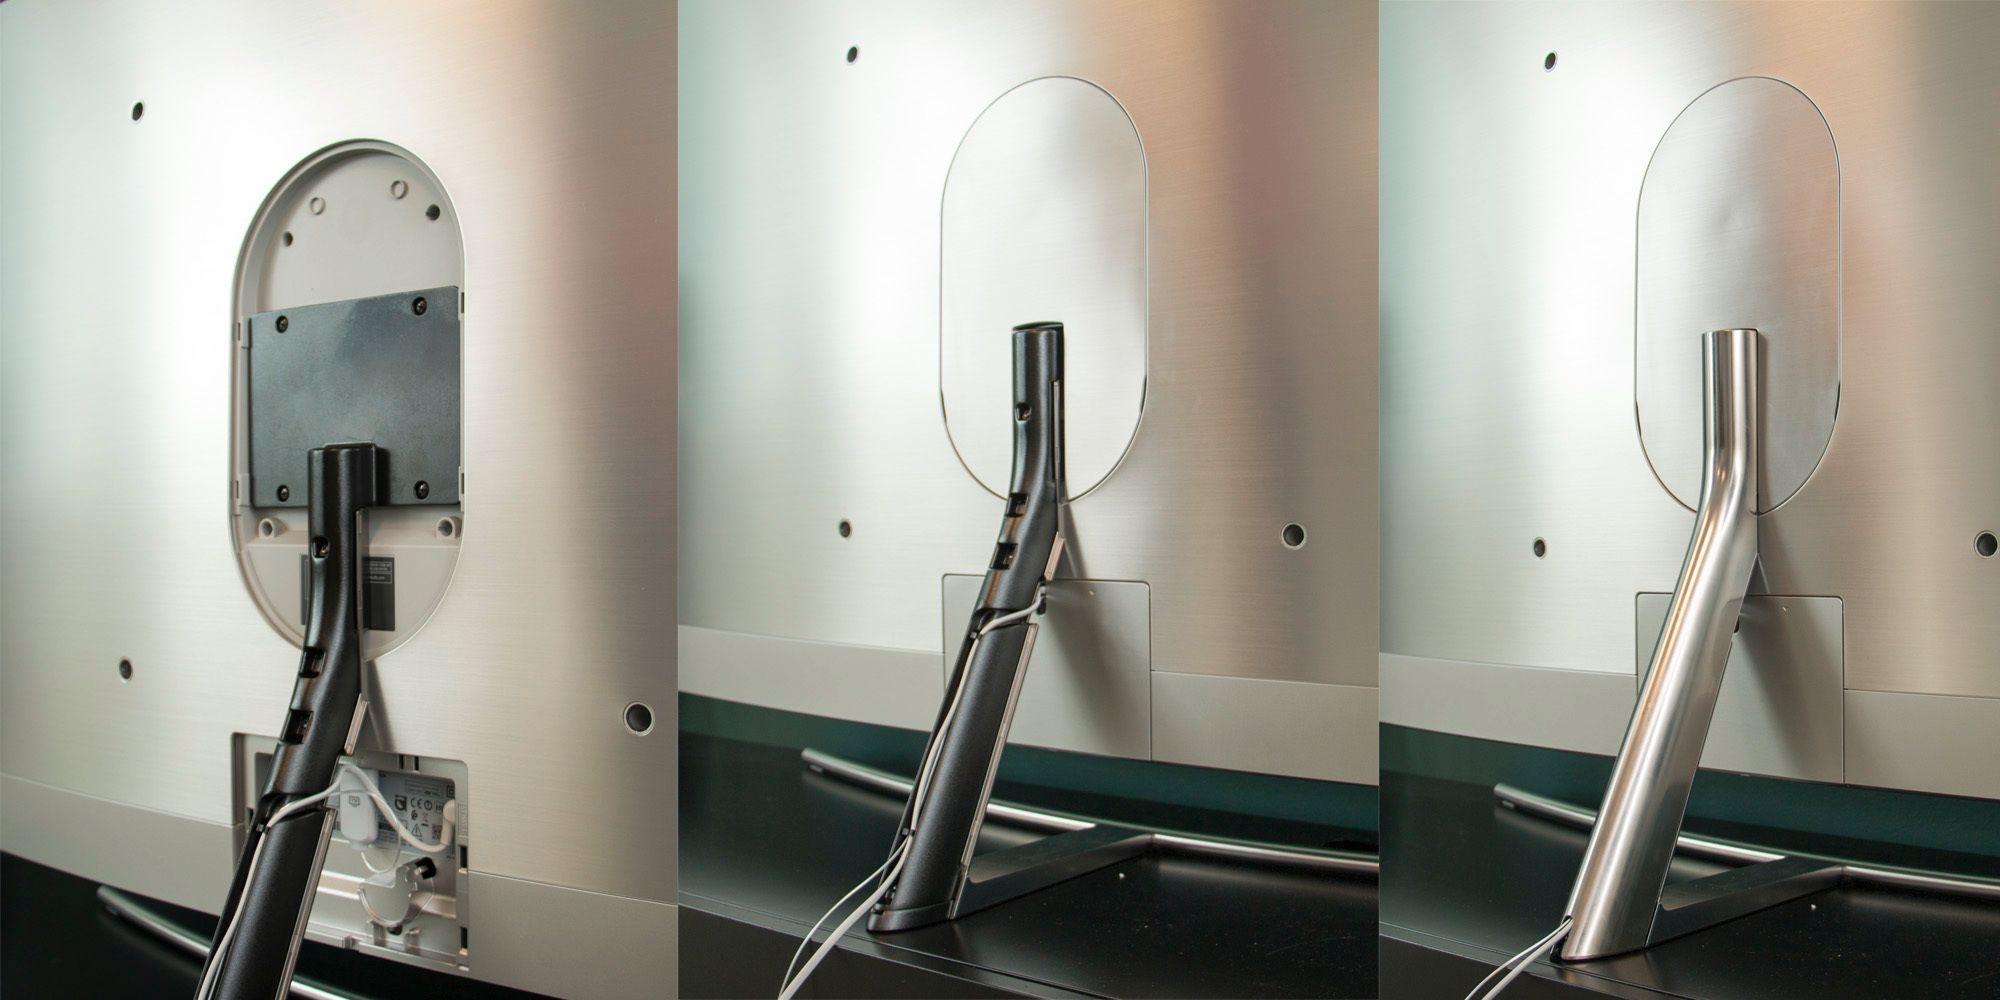 Ved hjelp av en oppfinnsom fot, et par deksler, en strømledning og en optisk kabel kan du få et strøkent resultat hvor kablene skjules inne i foten.